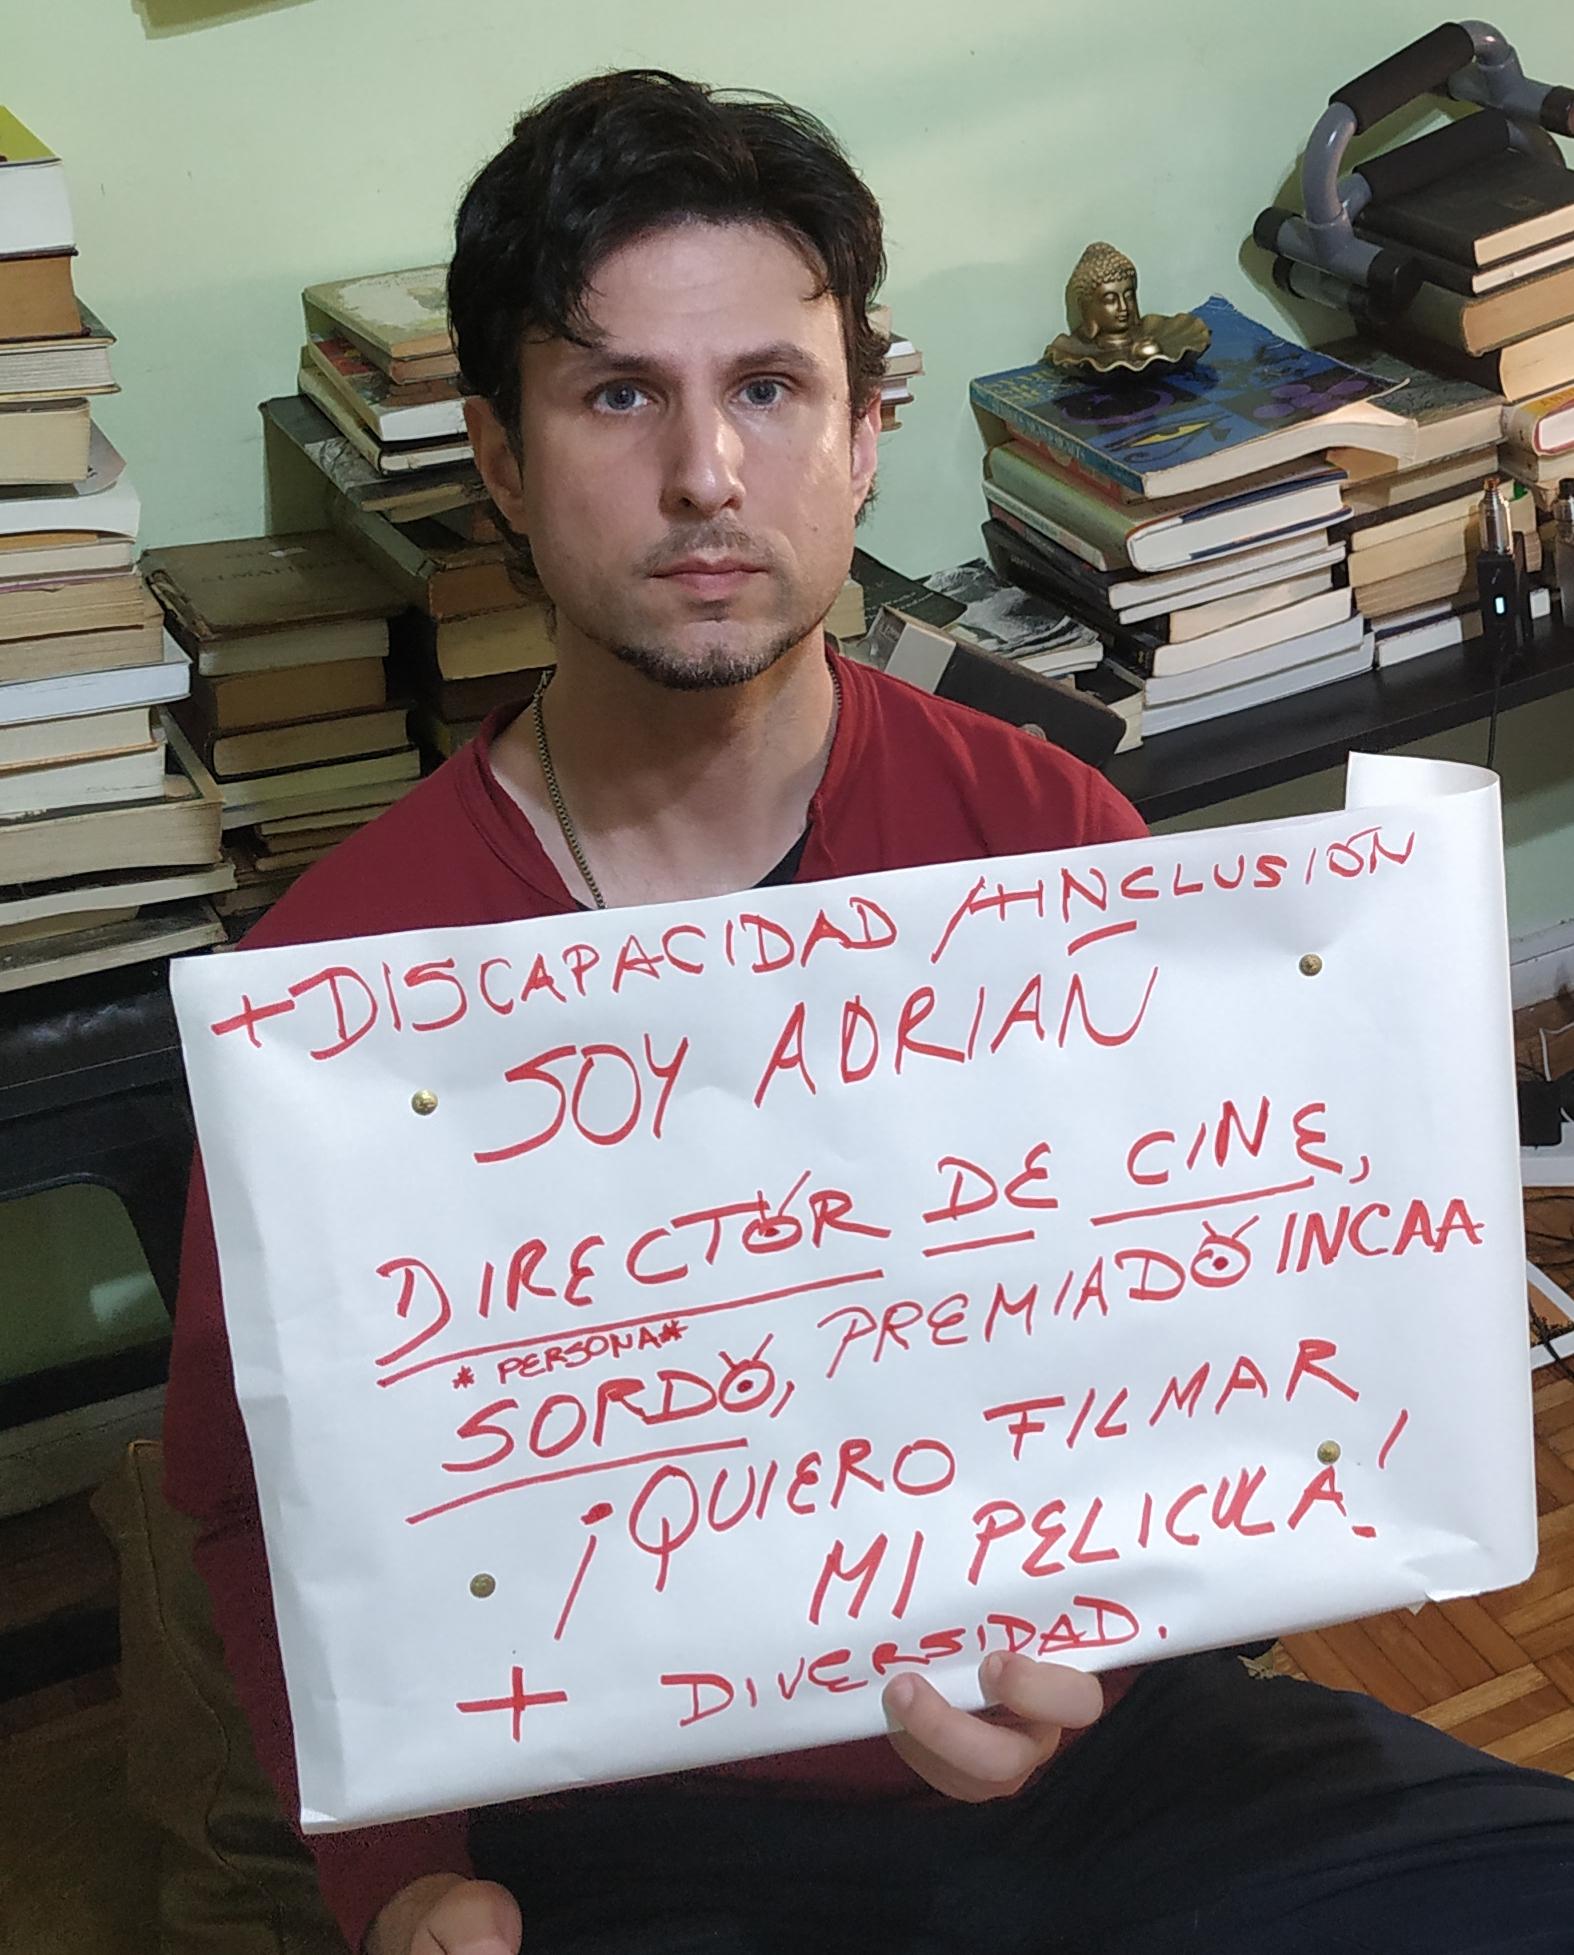 Adrián Gastón Fares Mi Petición en Change.org Fácil: change.org/gualicho